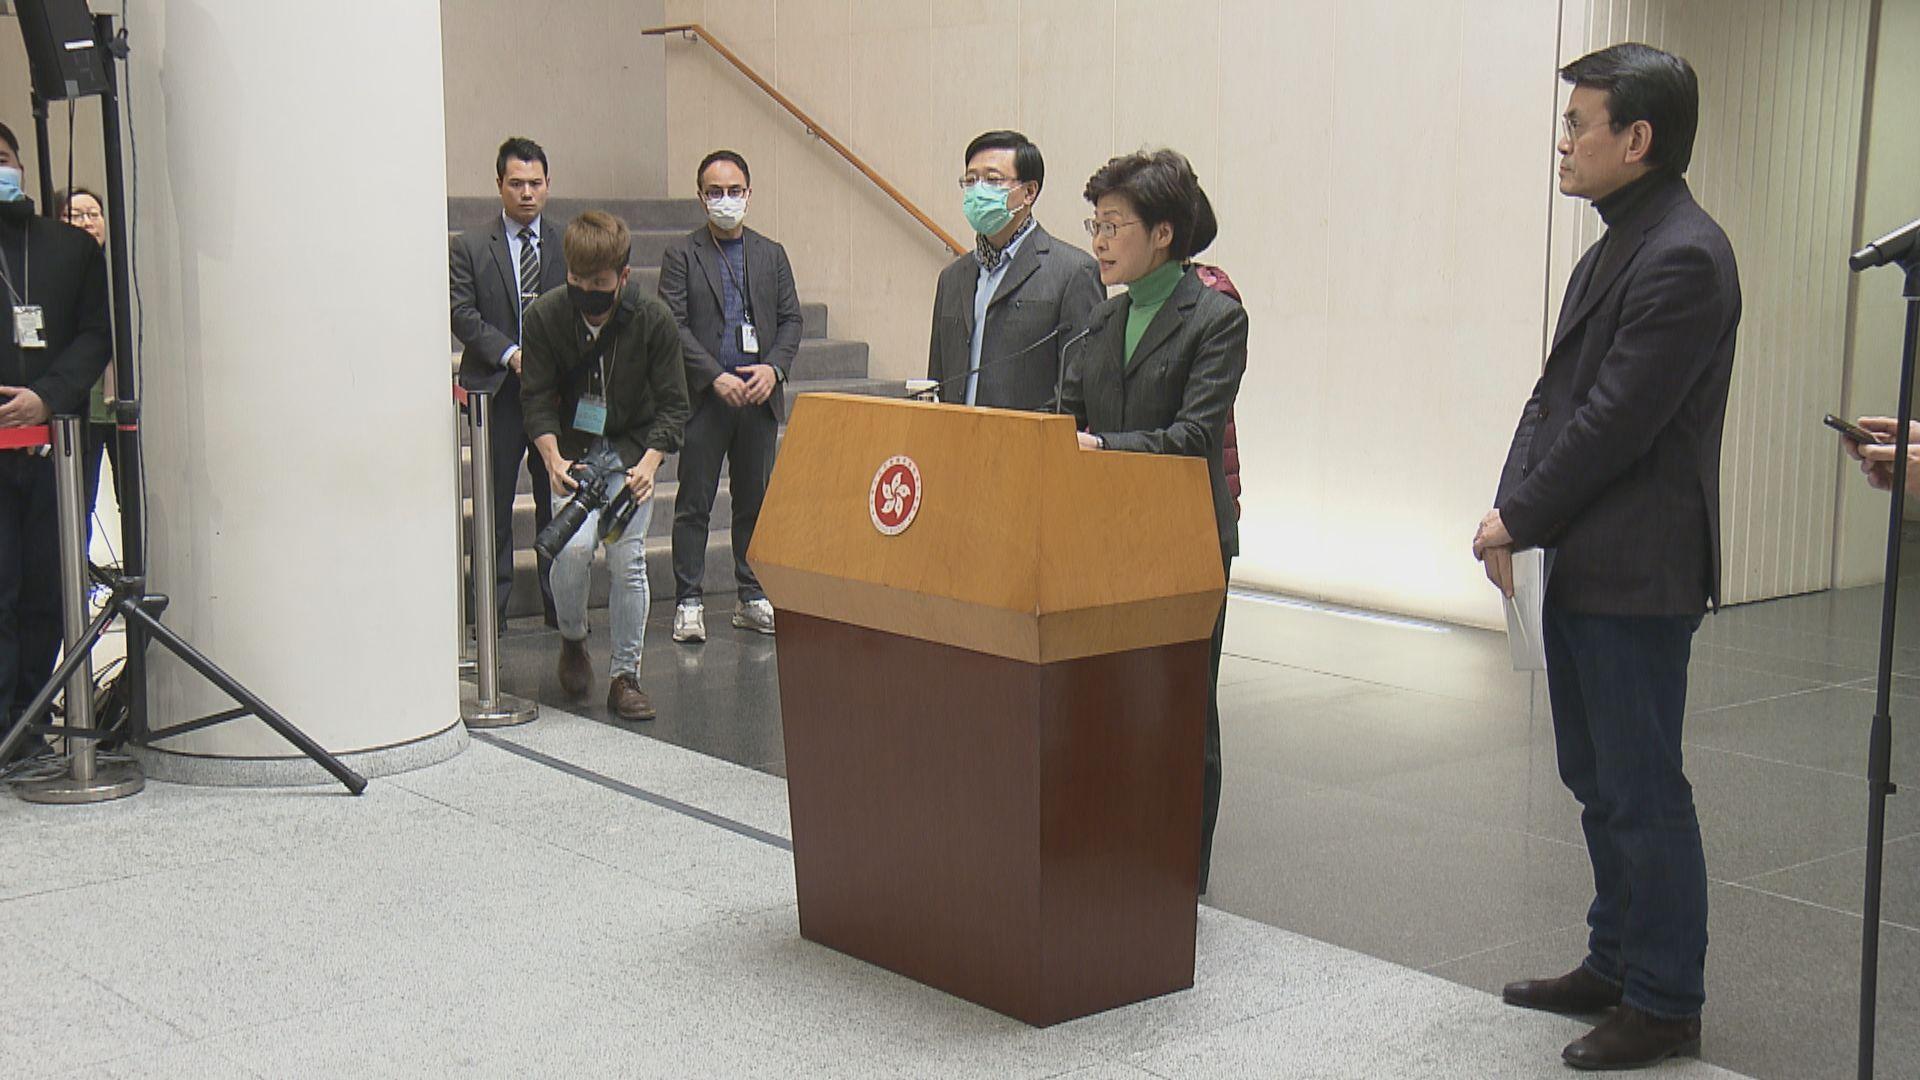 【最新】林鄭月娥:經協調後過去一個月獲內地供應1700萬個口罩